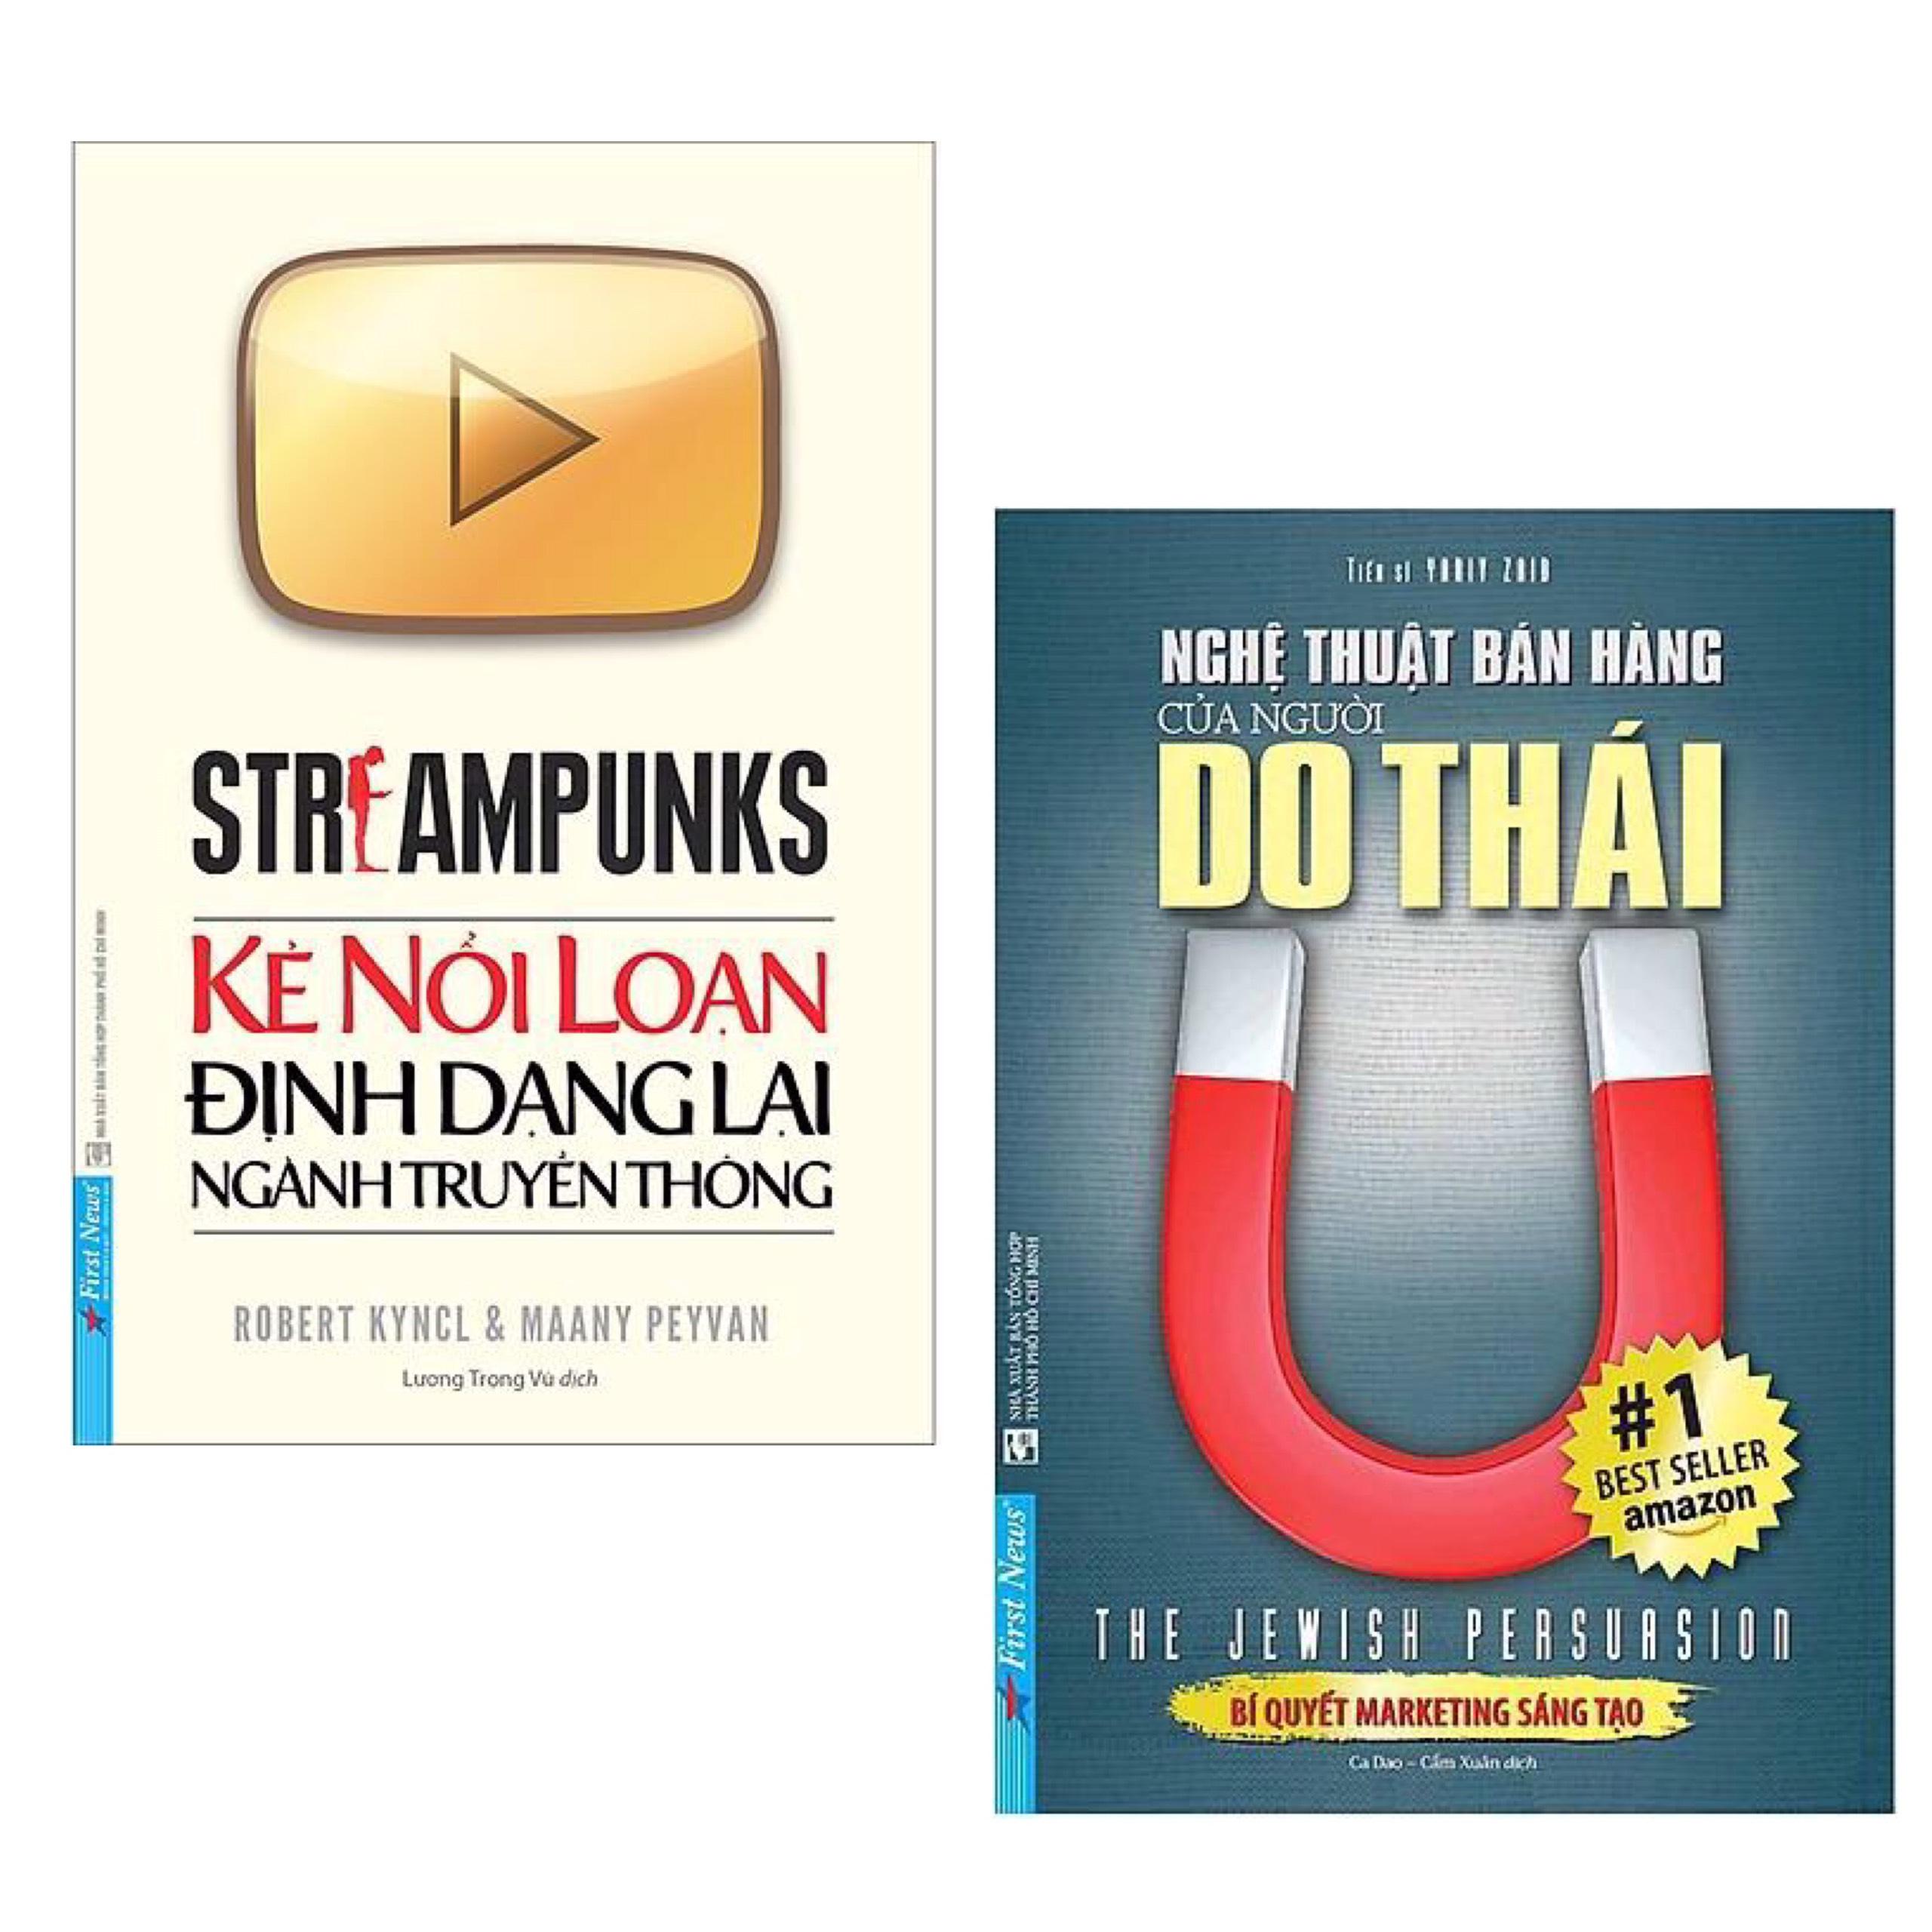 Combo Sách Marketing - Bán Hàng Đỉnh Cao: Streampunks - Kẻ Nổi Loạn Định Dạng Lại Ngành Truyền Thông + Nghệ Thuật Bán Hàng Của Người Do Thái